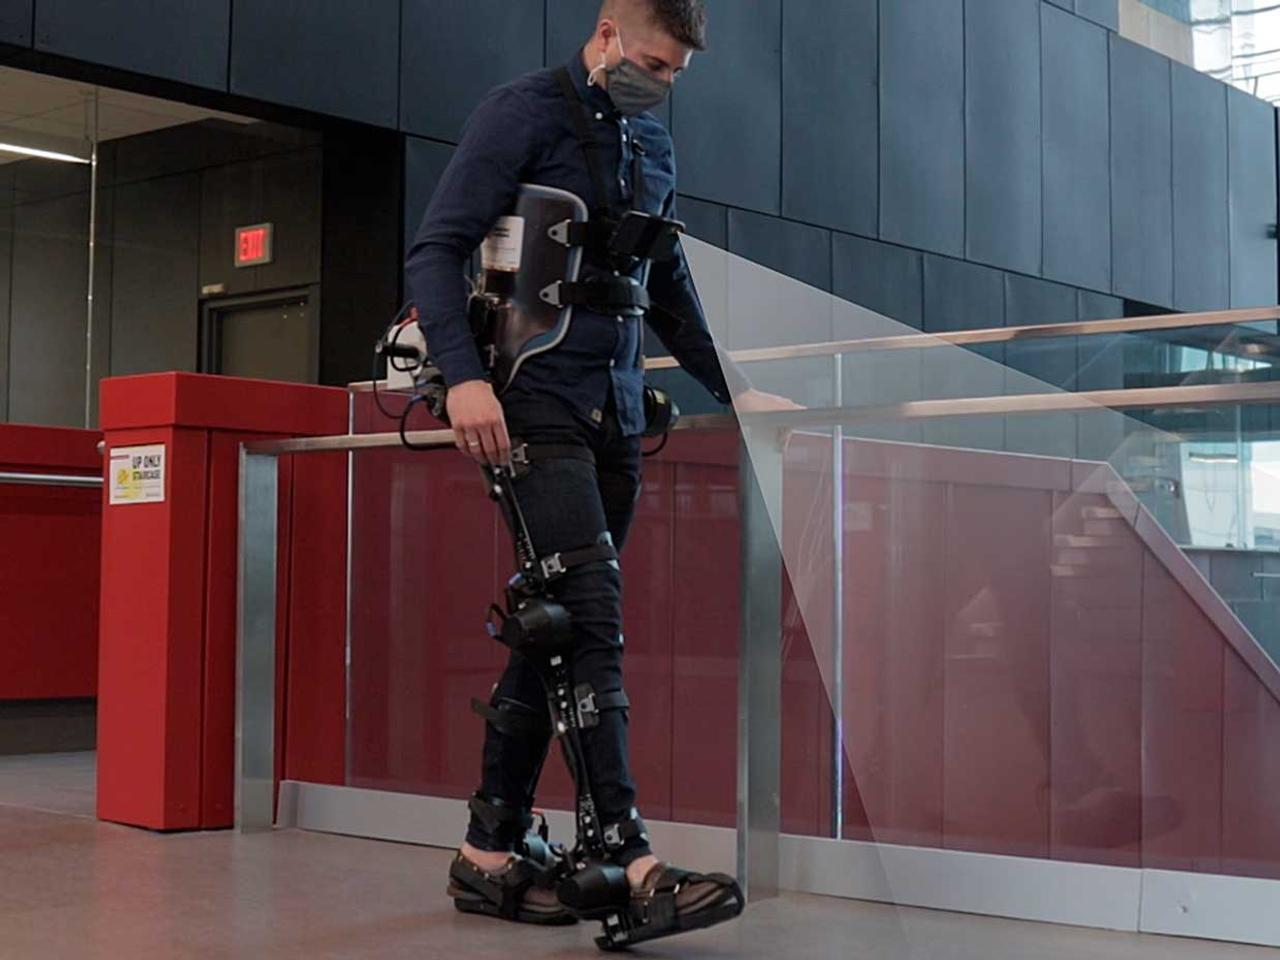 Роботизированные экзоскелеты будут передвигаться самостоятельно, автономно